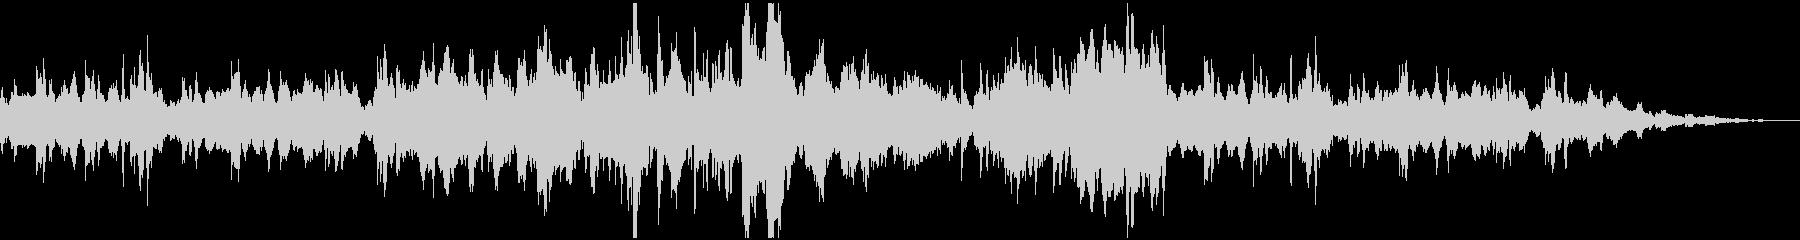 ホーム画面/ループタグ/日常/平和の未再生の波形